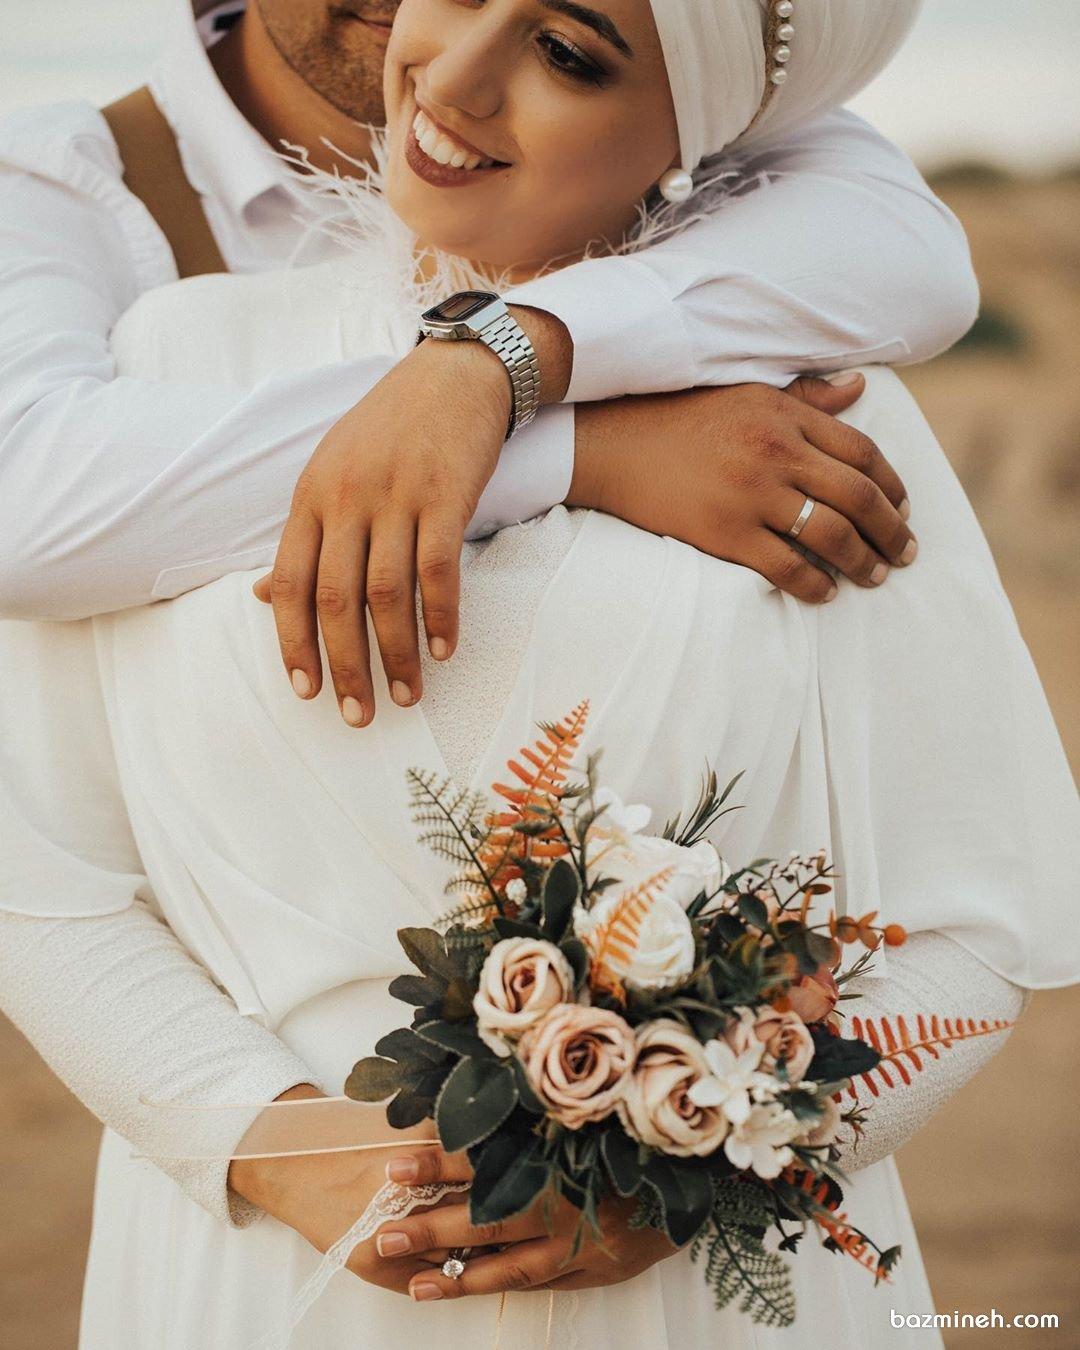 فرمالیته عروسی، از برنامه های جایگزین عروسی در روزهای کرونا!